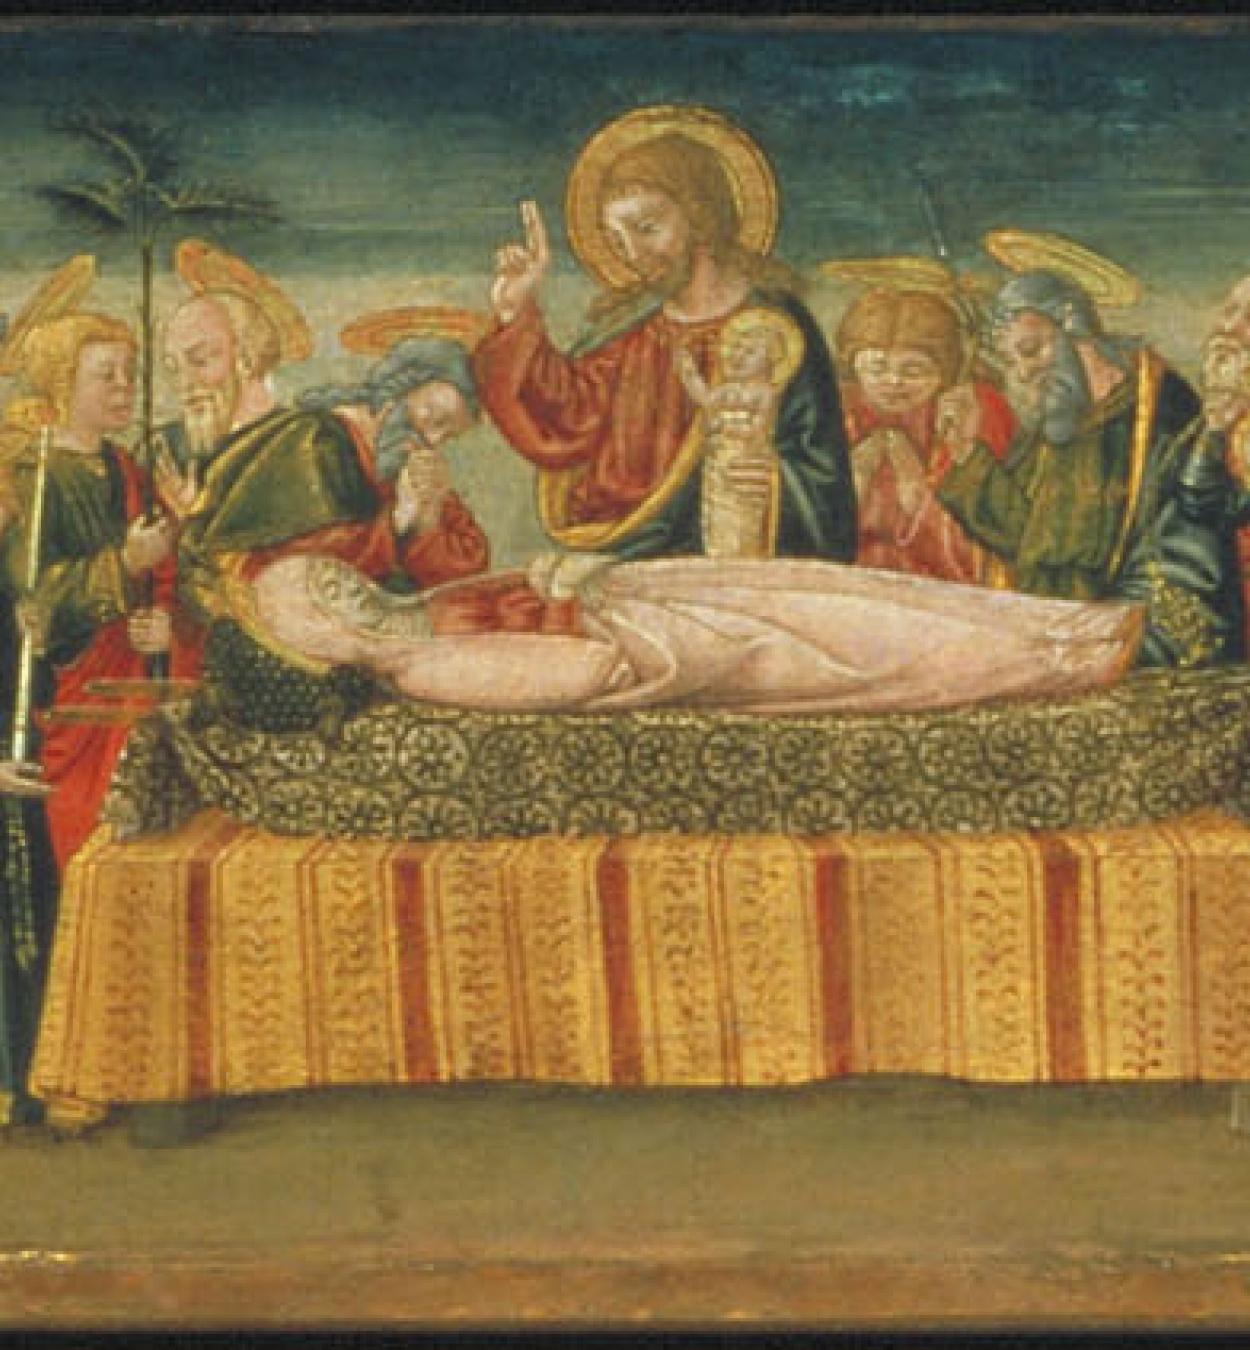 Neri di Bicci - Sant Llorenç, sant Miquel i el drac, Dormició de la Mare de Déu, martiri de santa Caterina i sant Joan Evangelista - 1475-1480